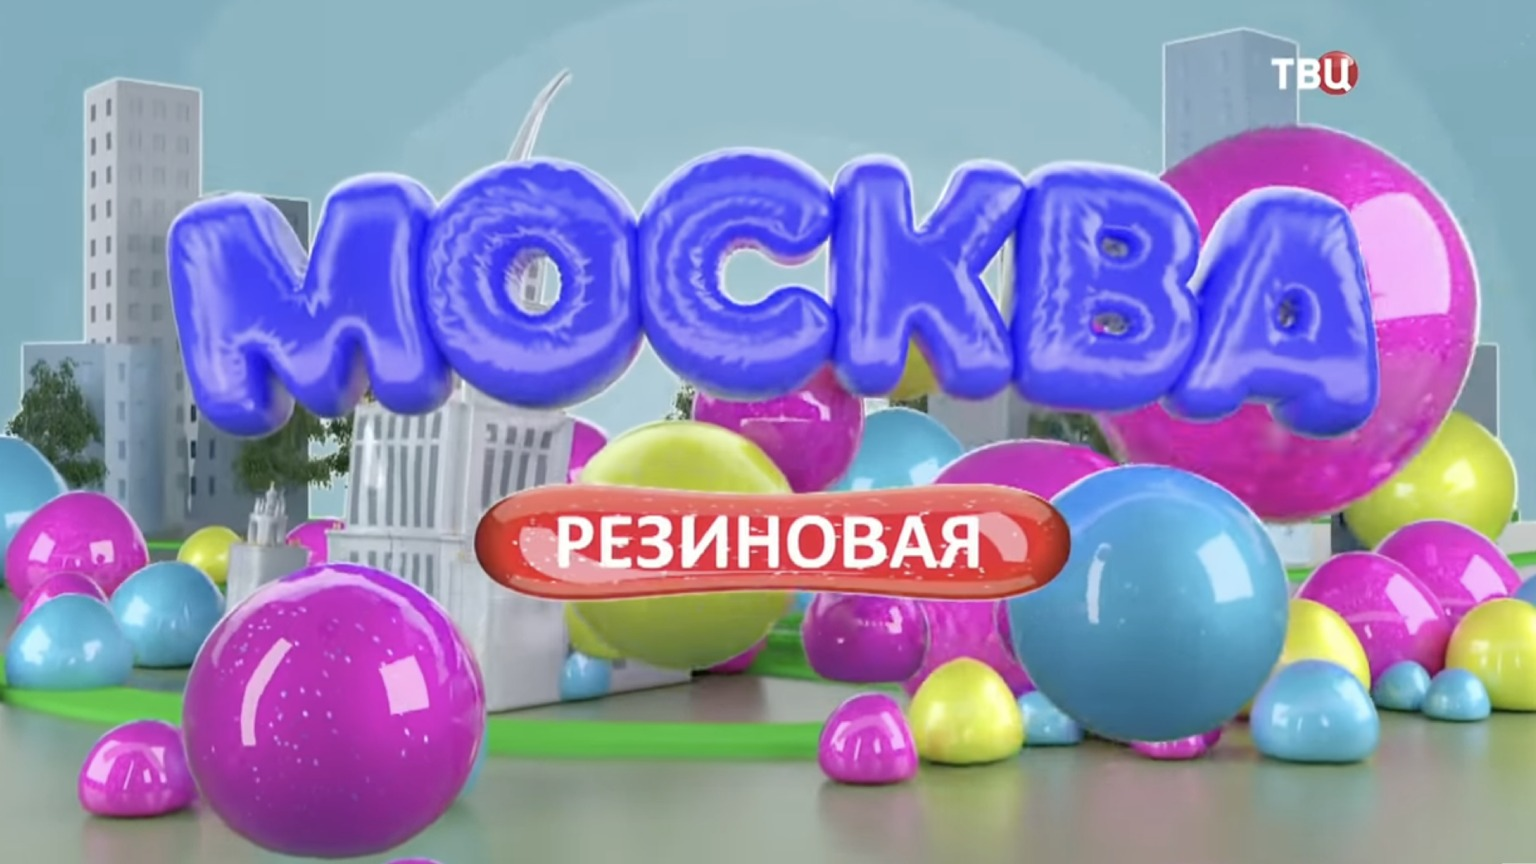 Москва резиновая_промобаннер